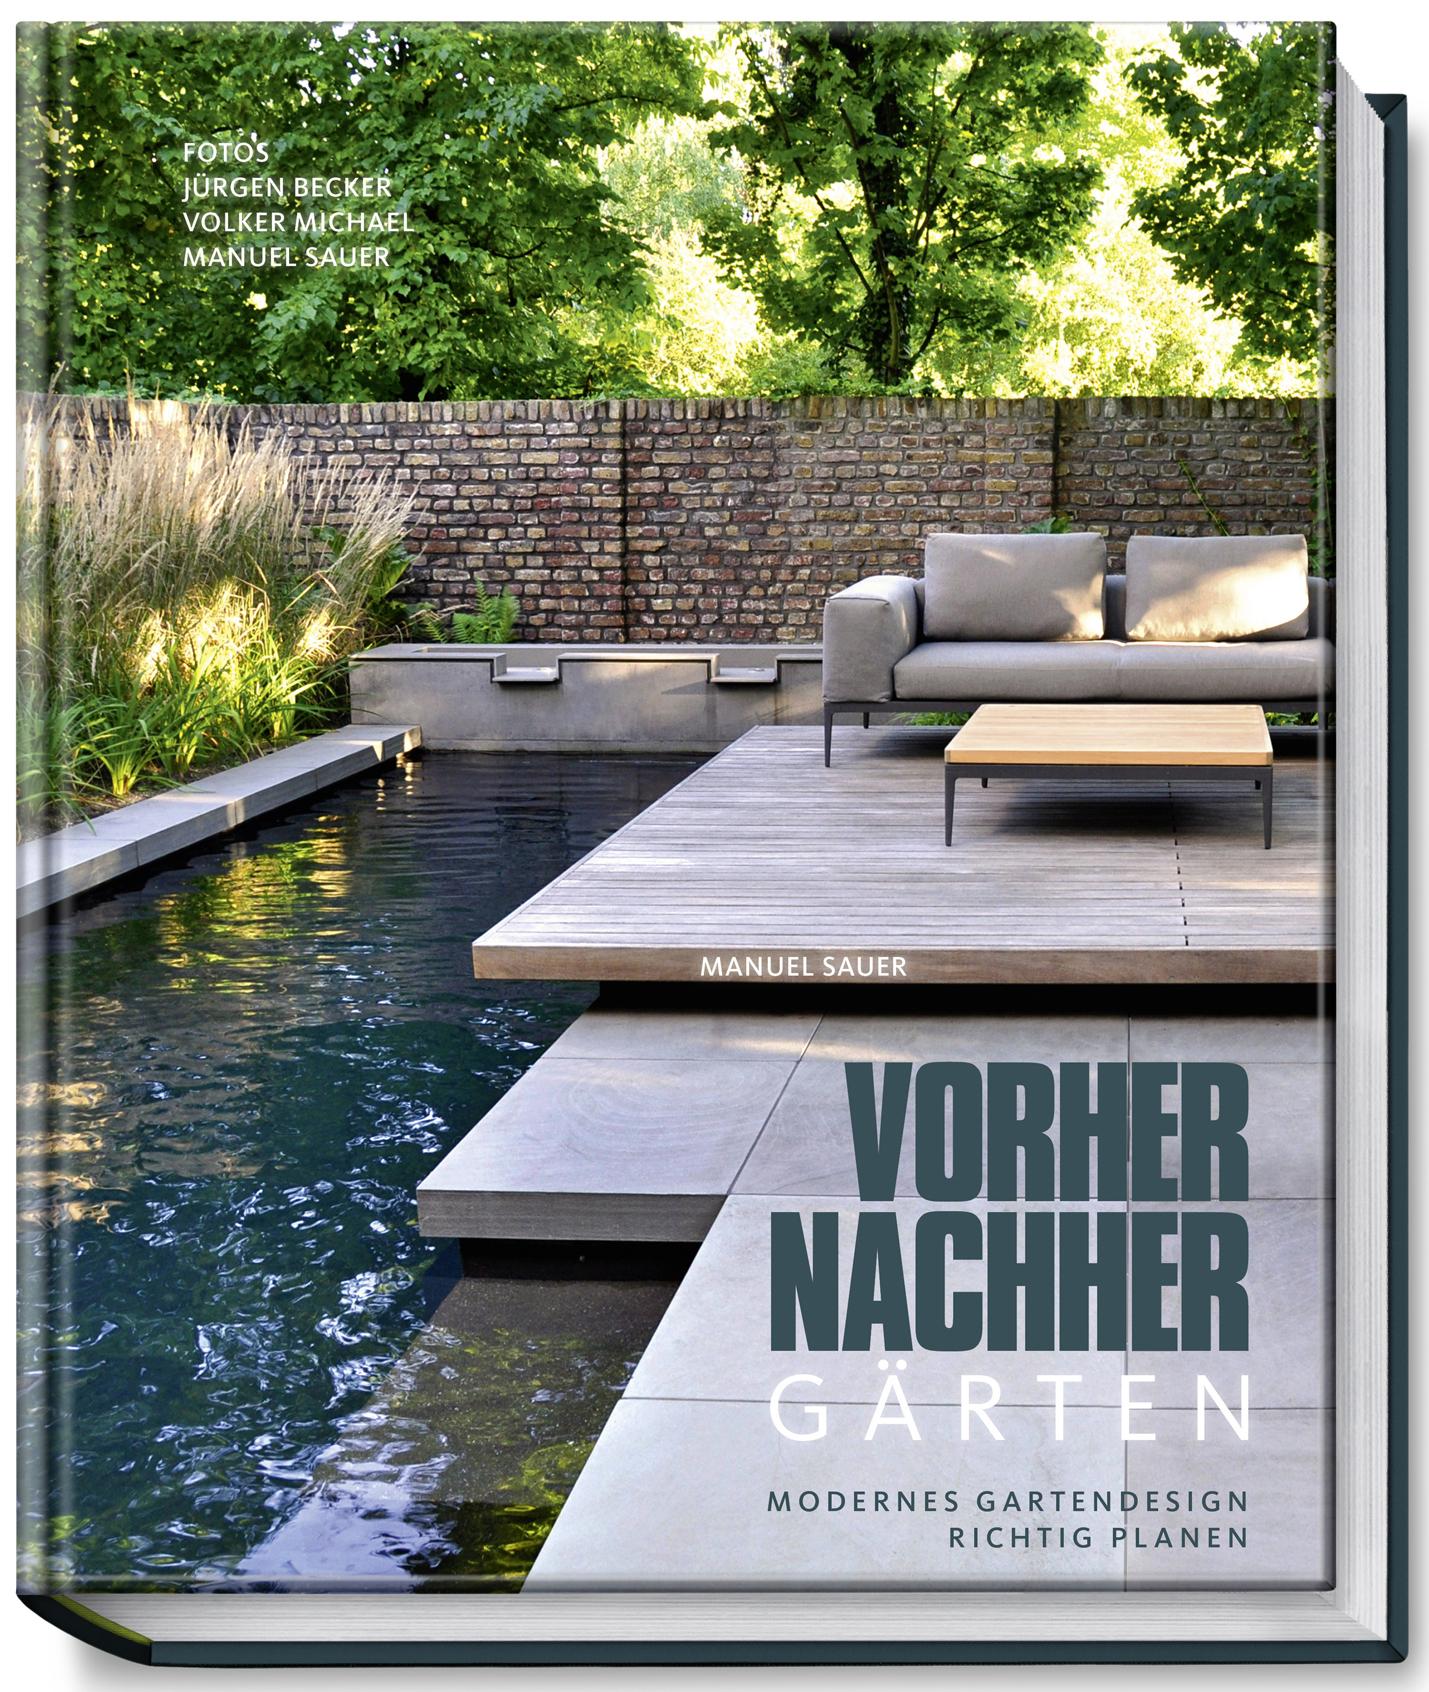 Cover download for Gartengestaltung vorher nachher